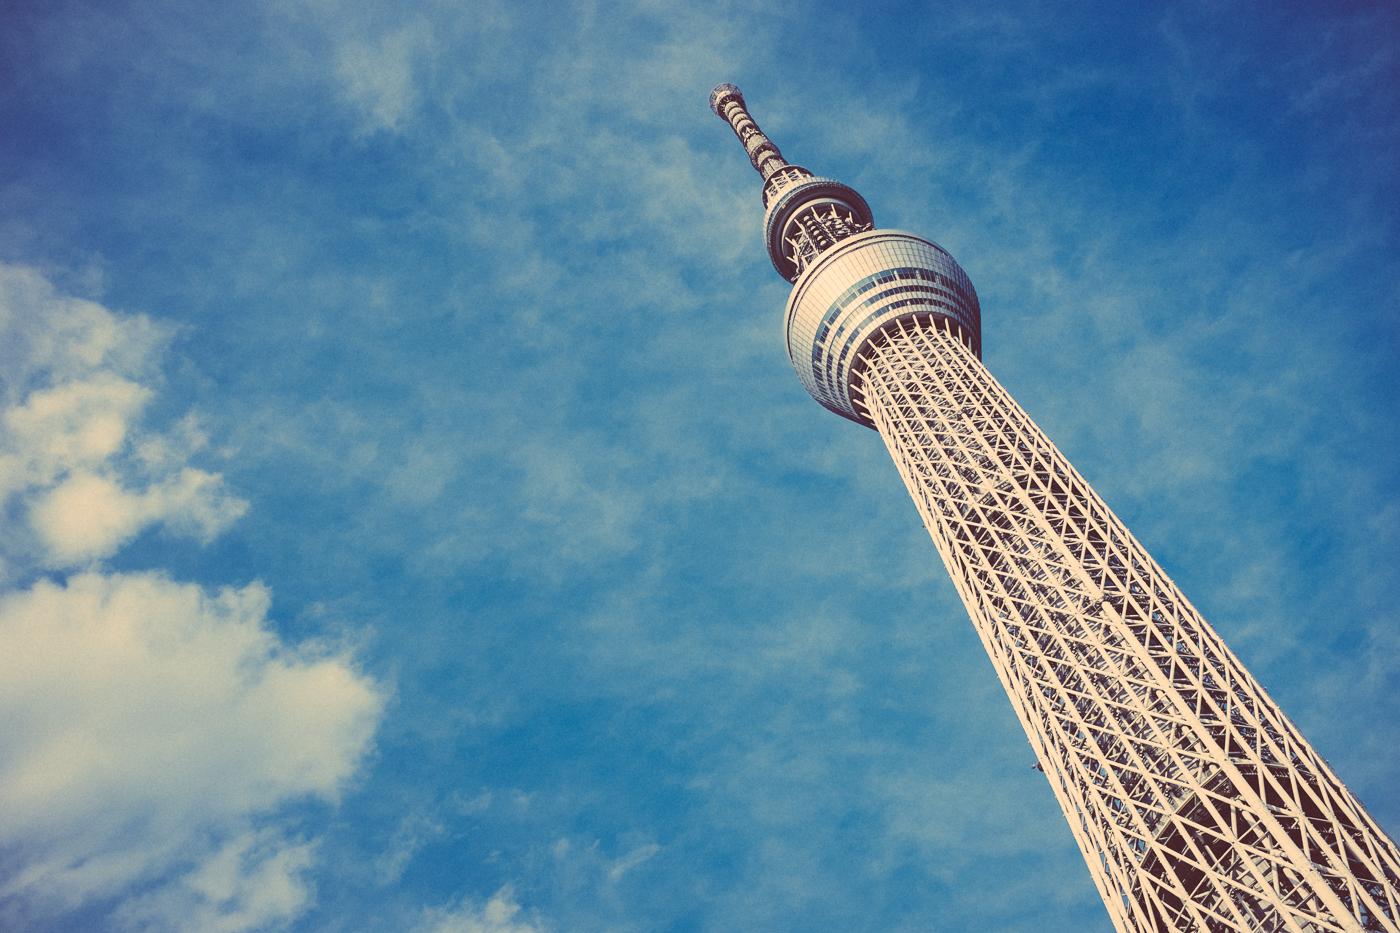 Le Tokyo Skytree, la tour la plus haute du monde, semble défier le ciel et les nuages